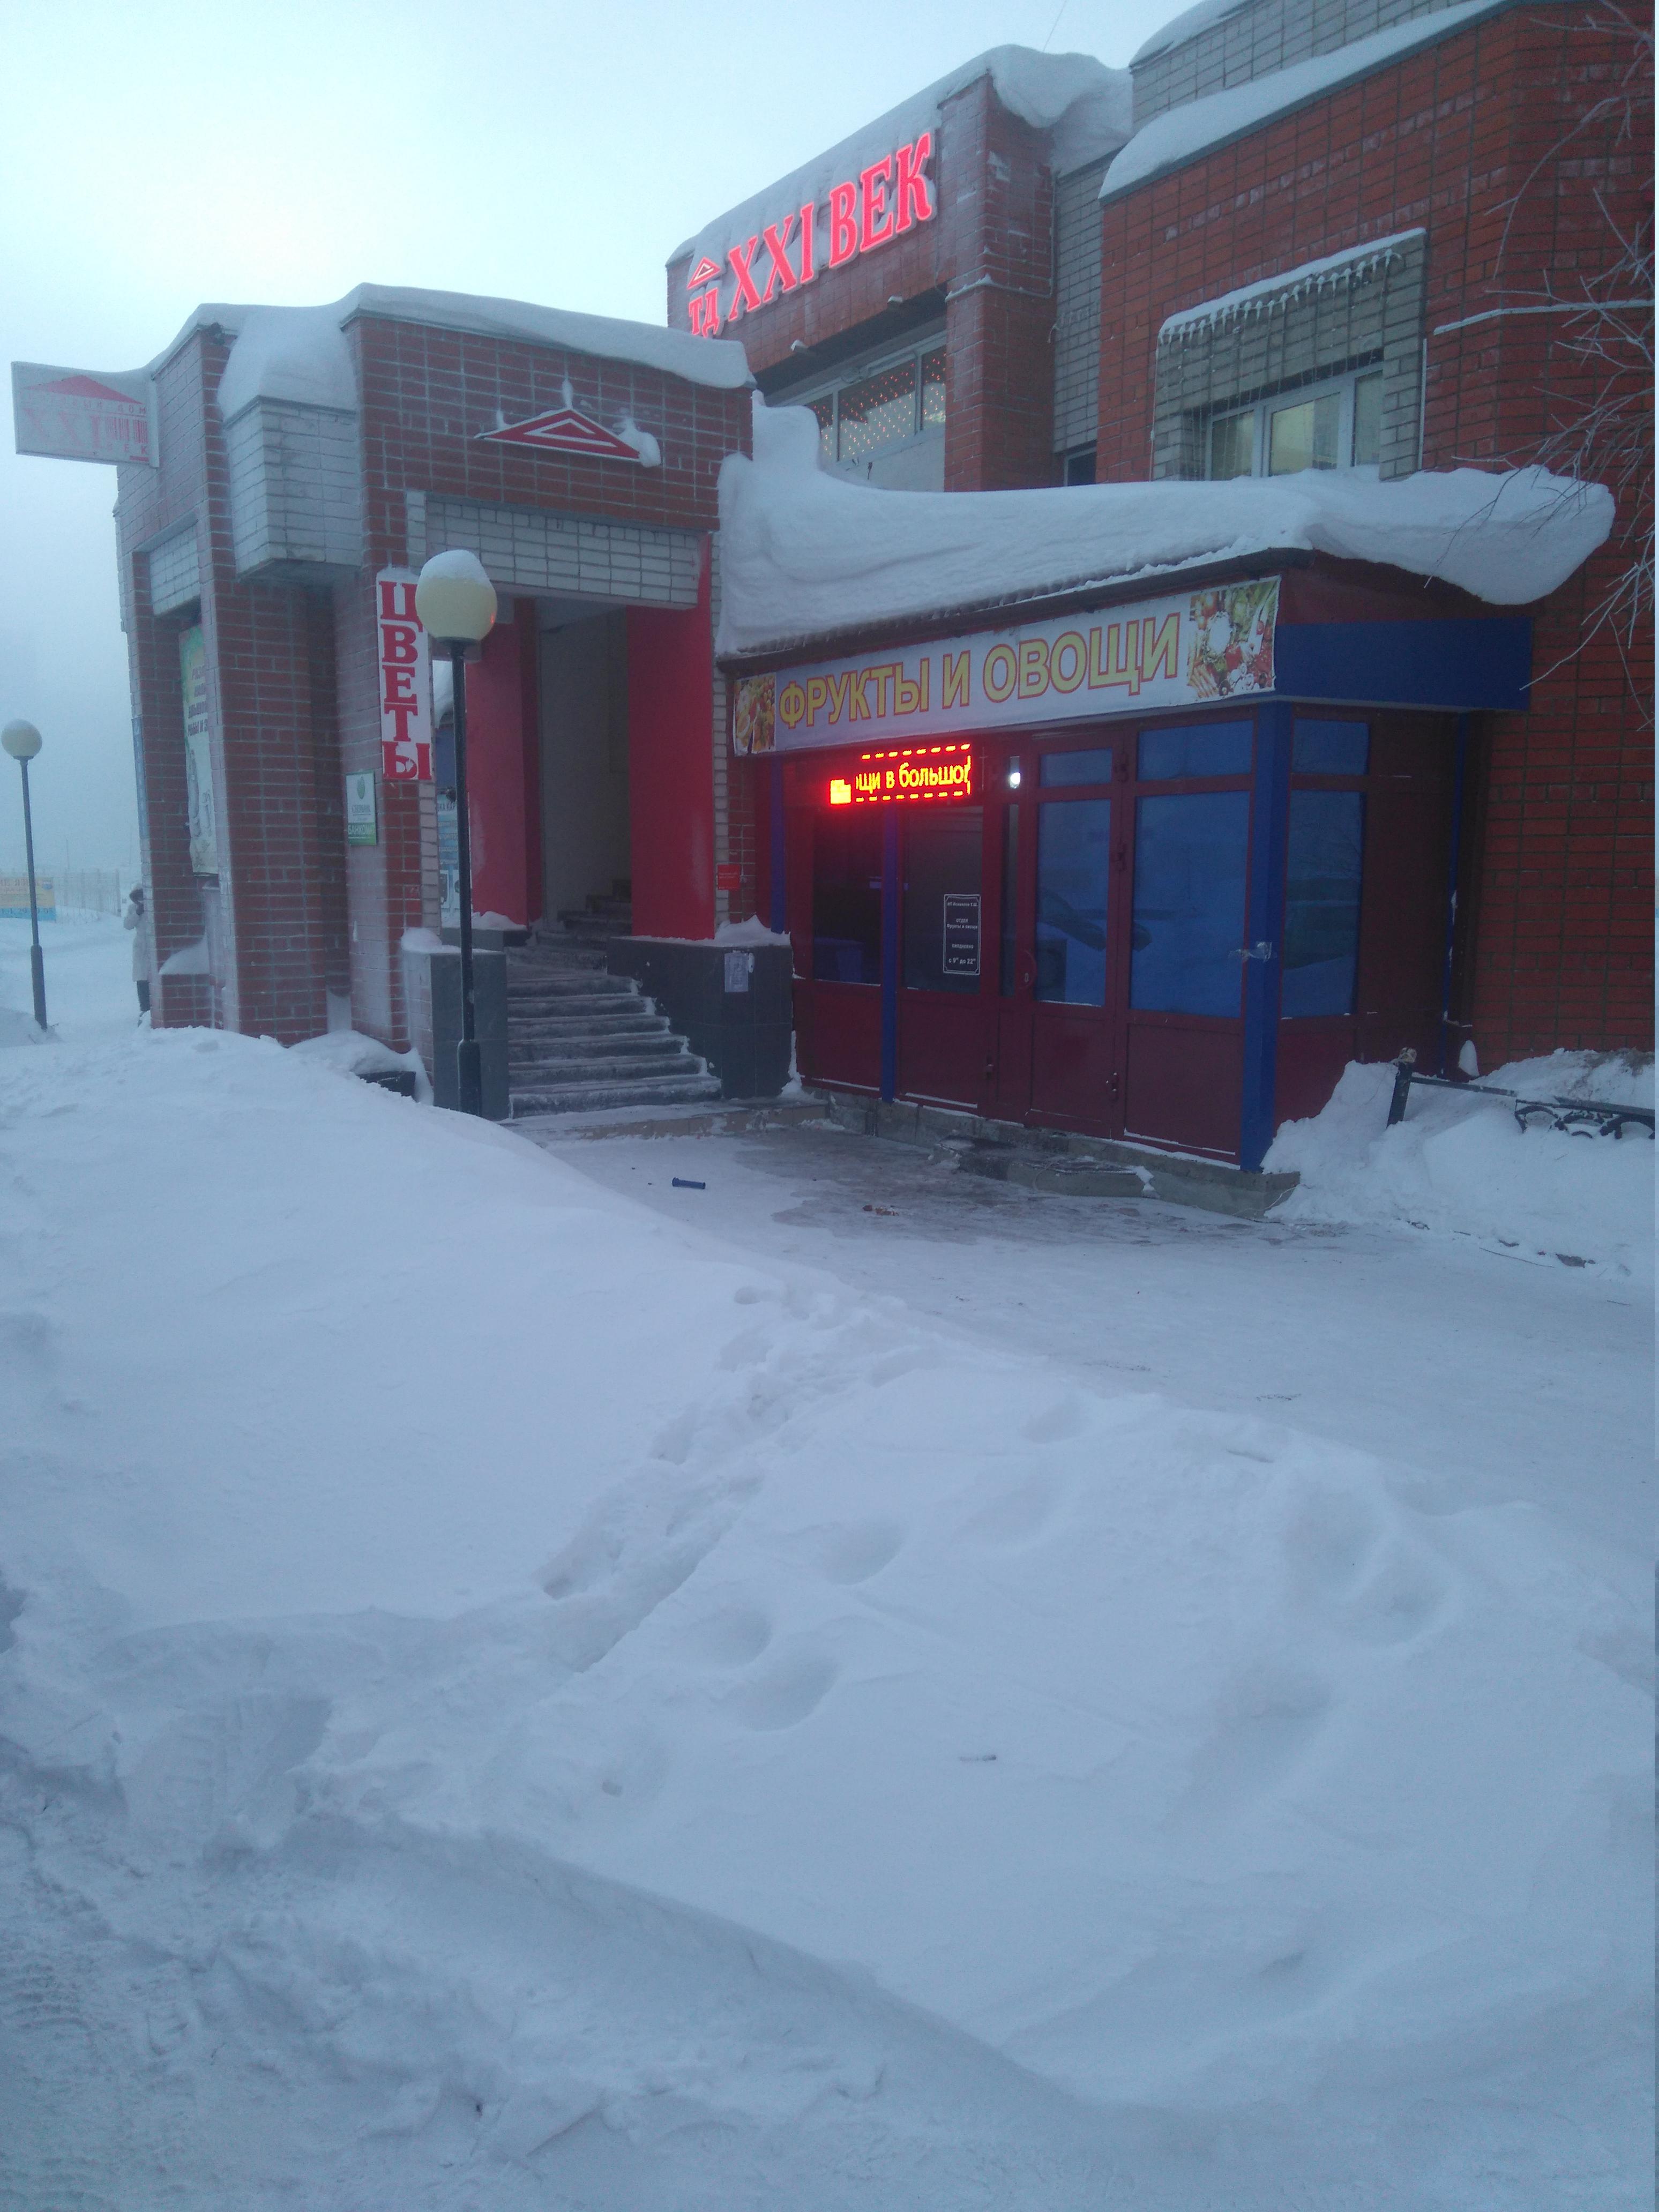 e7b56d13a XXI век - магазин продуктов, Новый Уренгой — отзывы и фото — Яндекс.Карты